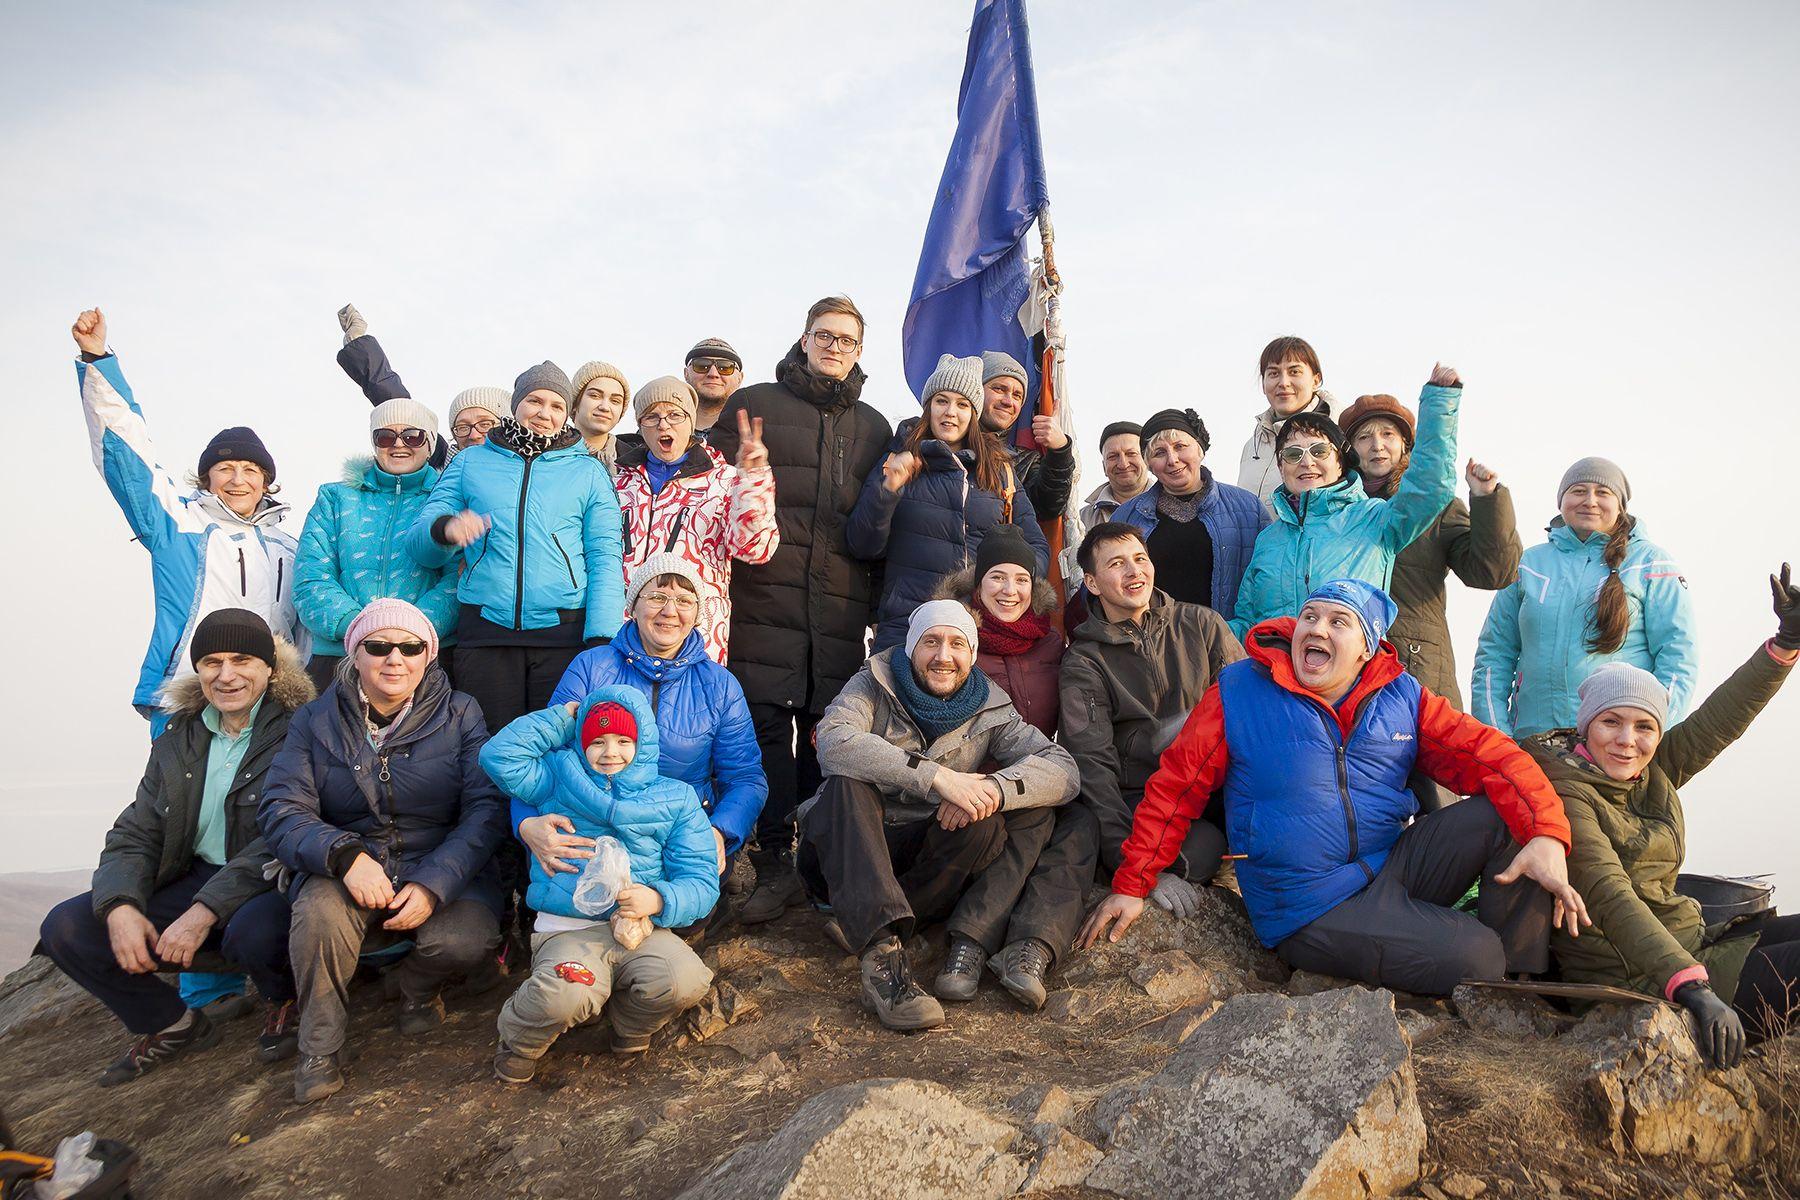 Закат на «Когте Орла»: преподаватели ВГУЭС открыли туристический сезон - 2019